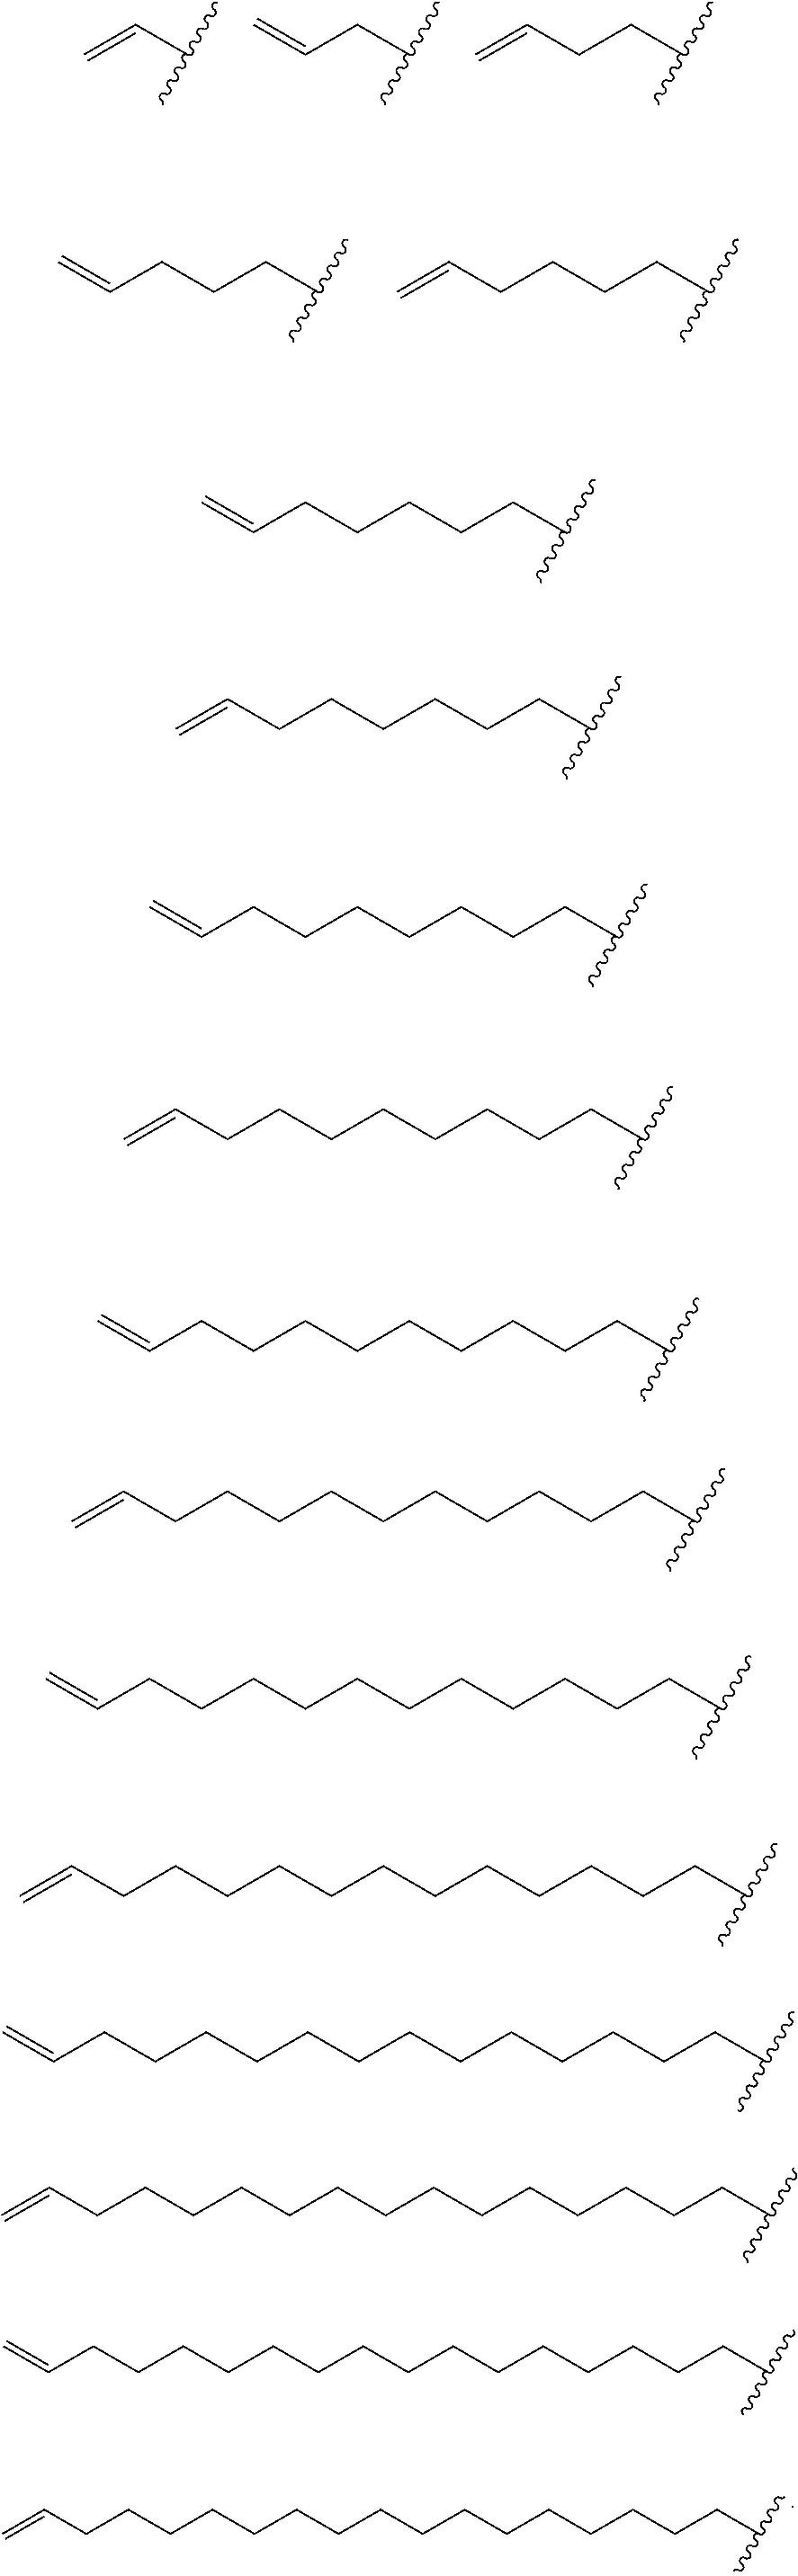 Figure US08969353-20150303-C00139